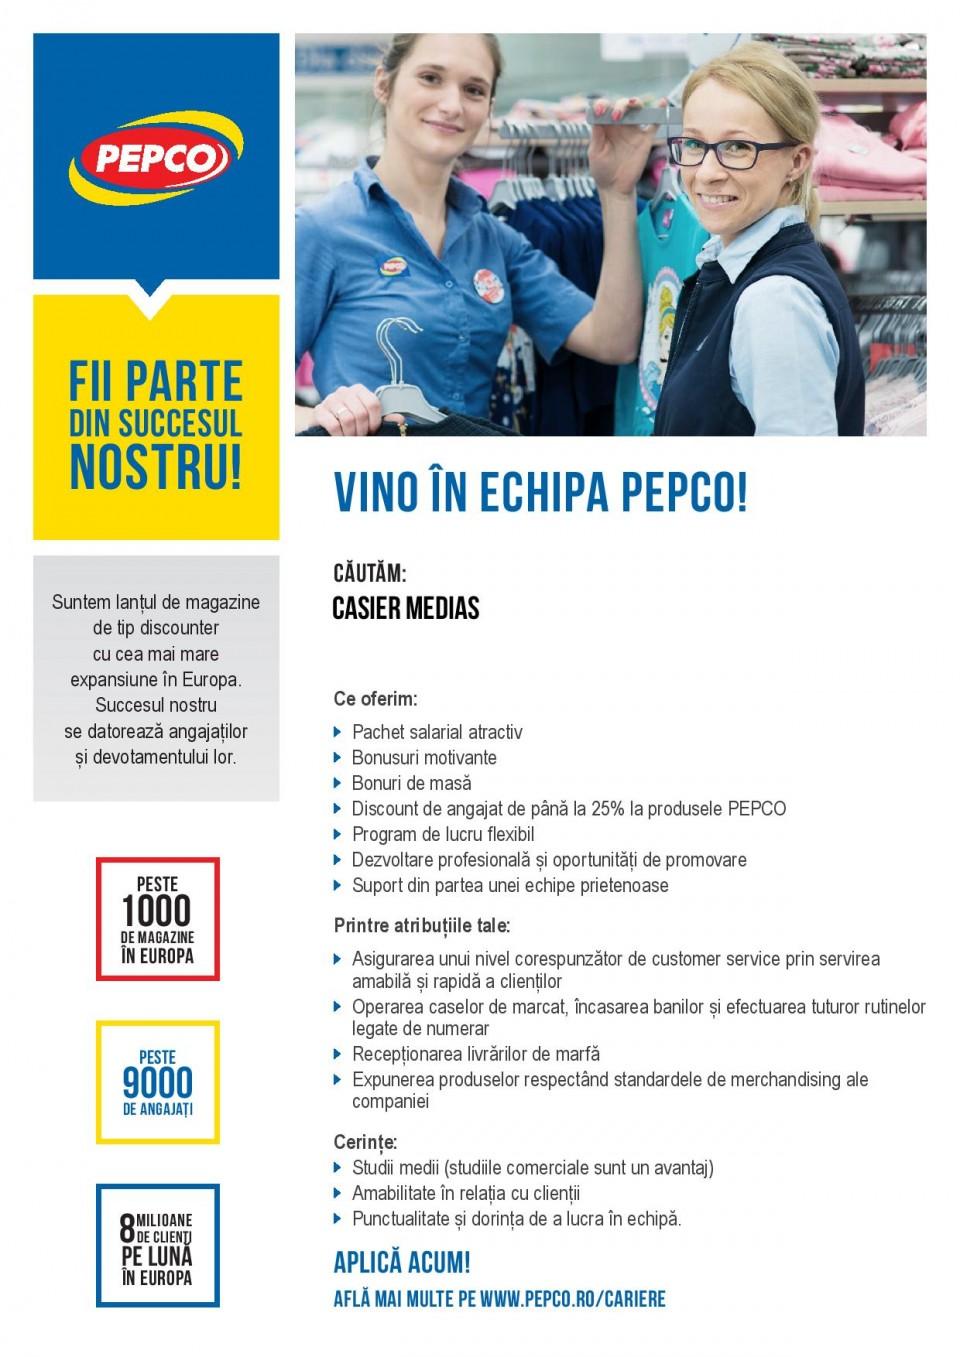 PEPCO este parte a Pepkor, un grup internațional de retail cu peste 3.000 de magazine în Africa, Australia si Europa. PEPCO și-a început activitatea în Polonia în anul 2004 și a devenit leader de piață pe segmentul de îmbrăcăminte și produse de uz caznic cu peste 700 de magazine și 5500 de angajați. În 2013 PEPCO și-a startat dezvoltarea internațională cu intrarea pe piețele din Slovacia și Cehia. În prezent rețeaua de retail din Cehia și Slovacia a ajuns la peste 150 de magazine. PEPCO este discount retailerul cu cea mai rapidă expansiune în zona Europei Centrale și de Est. Ca urmare a deciziei de dezvoltare a rețelei și în Romania căutăm persoane ambițioase, etice si dinamice care să se alăture echipei noastre. In acest moment, avem deja 145 magazine deschise, iar planul de expansiune continua. Recrutăm în prezent pentru urmatoarea poziție: Casier Medias Casierul va fi responsabil pentru:  Asigurarea unui nivel corespunzător de customer service prin servirea amabilă și rapidă a clienților  Operarea caselor de marcat, încasarea banilor si efectuarea tuturor rutinelor legate de numerar  Recepționarea livrărilor de marfă  Expunerea produselor respectând standardele de merchandising ale companiei Cautăm o persoană care:  Are studii medii (studiile comerciale sunt un avantaj)  Este amabilă cu clienții noștri  Este punctuală și îi place să lucreze în echipă  Nu are contraindicații la efort fizic moderat Noi oferim:  Un mediu de lucru plăcut și dinamic într-o companie internațională aflată în expansiune  Posibilități de dezvoltare profesională și instruire constantă Daca sunteți interesați vă rugăm să aplicați până la data 20 Noiembrie 2017. Vom contacta doar persoanele selectate. Pentru mai multe informații vizitați-ne pe www.pepco.ro